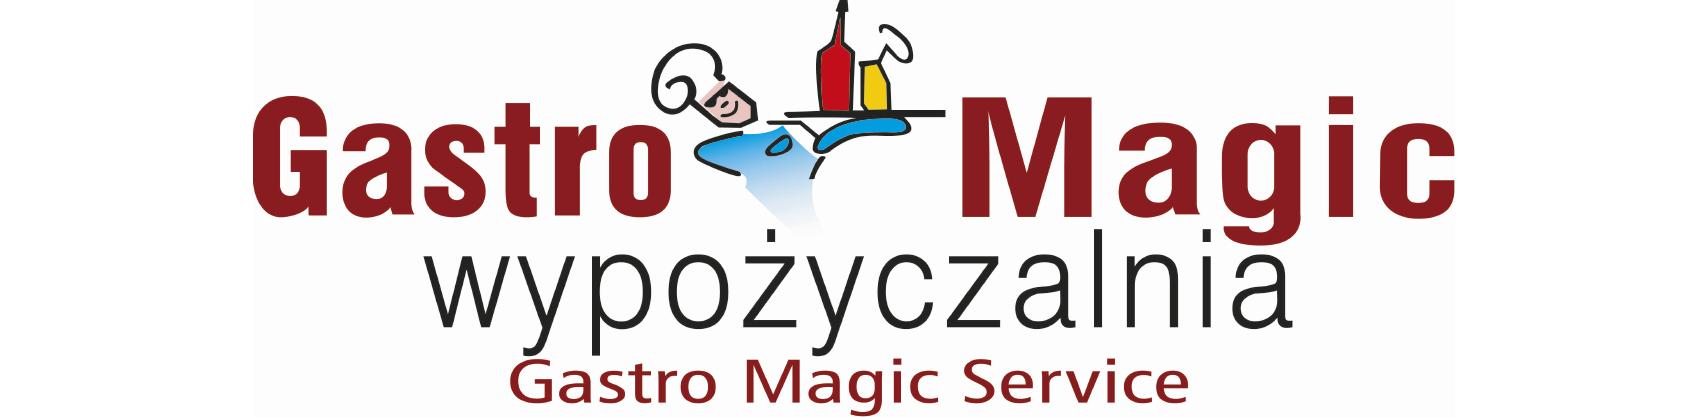 Gastro Magic